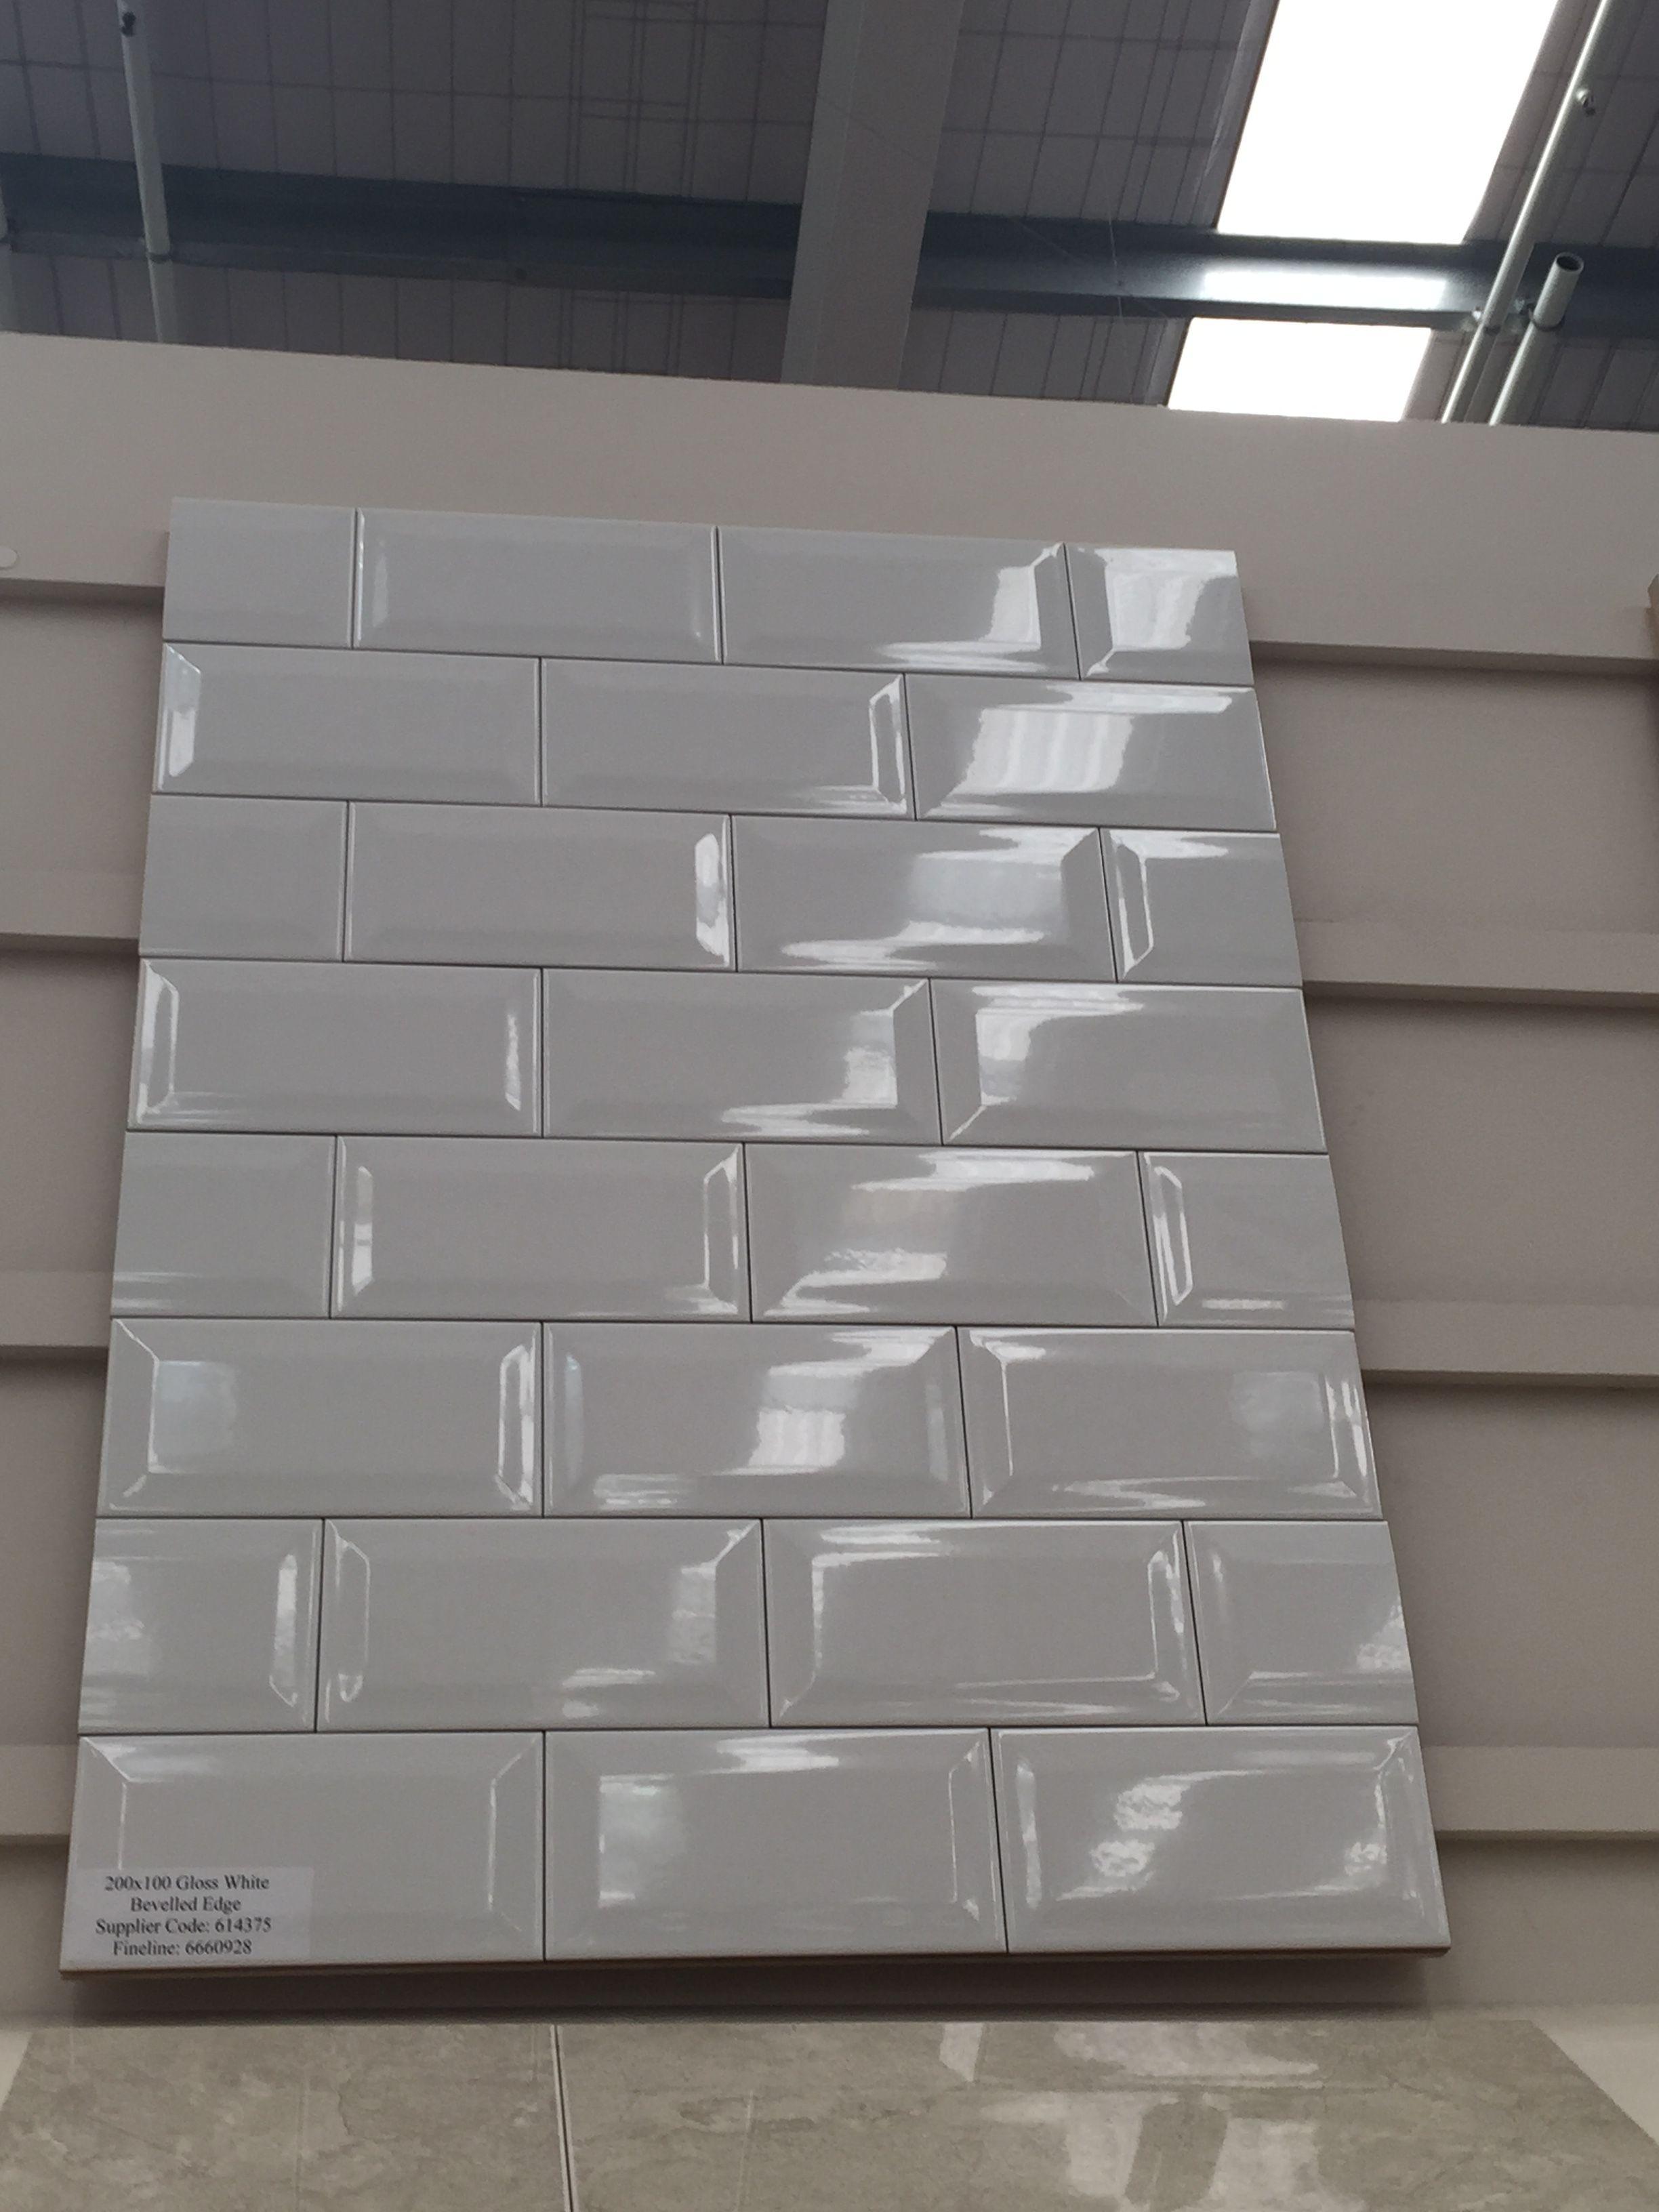 Beveled Subway Tiles Bunnings Kitchen Flooring Tile Bathroom White Bathroom Tiles